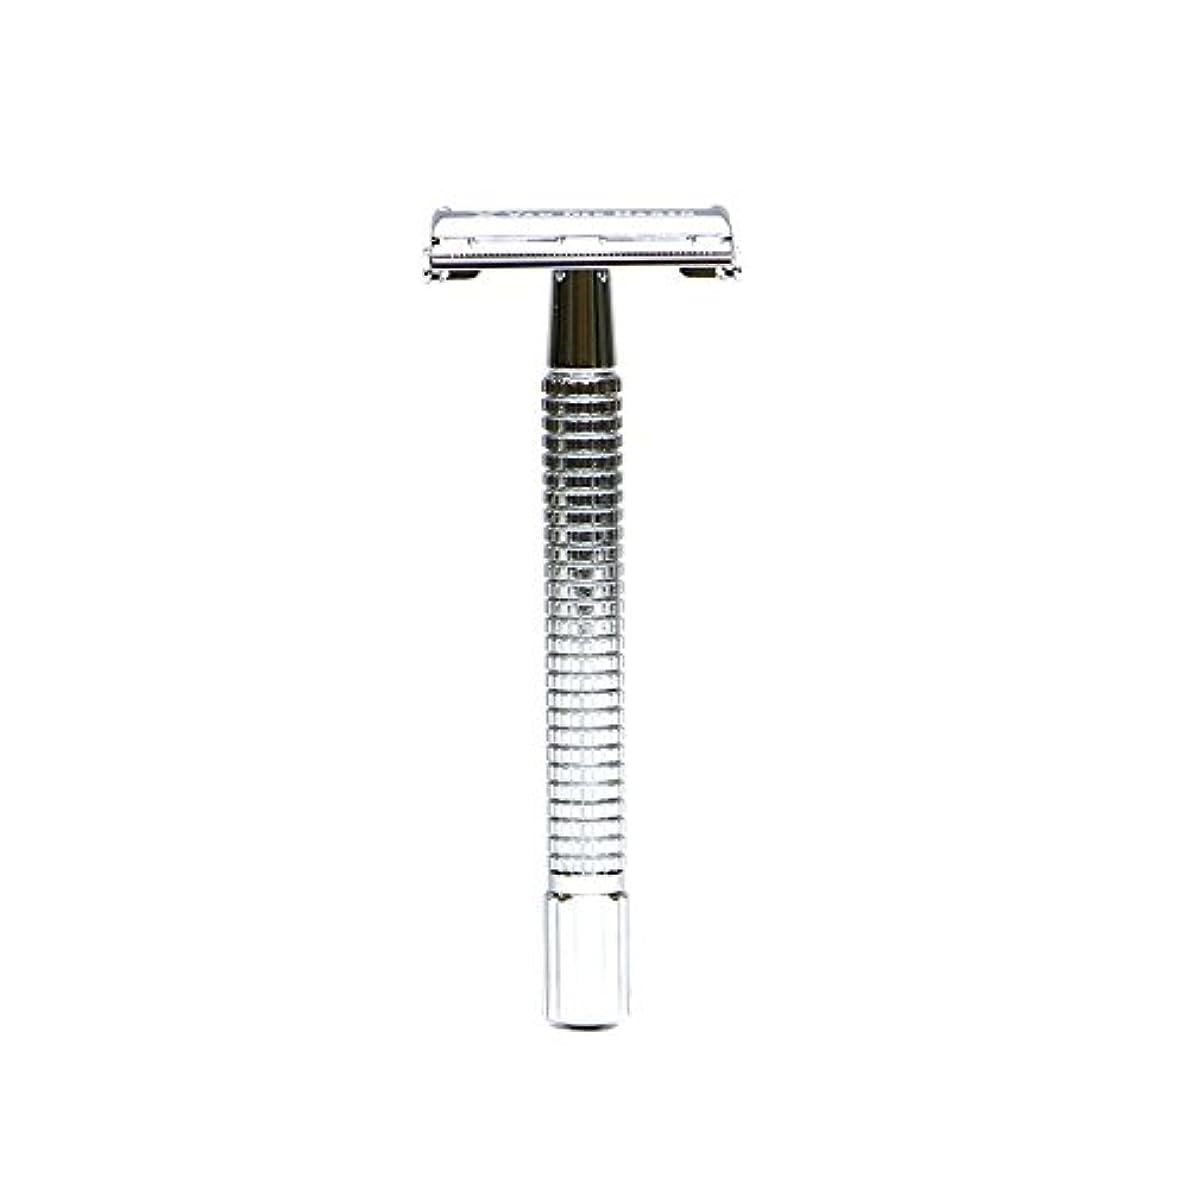 変形スローガンかまどVANDERHAGEN(米) トラディショナル 安全両刃カミソリ ロングタイプ バタフライタイプ 替刃5枚付